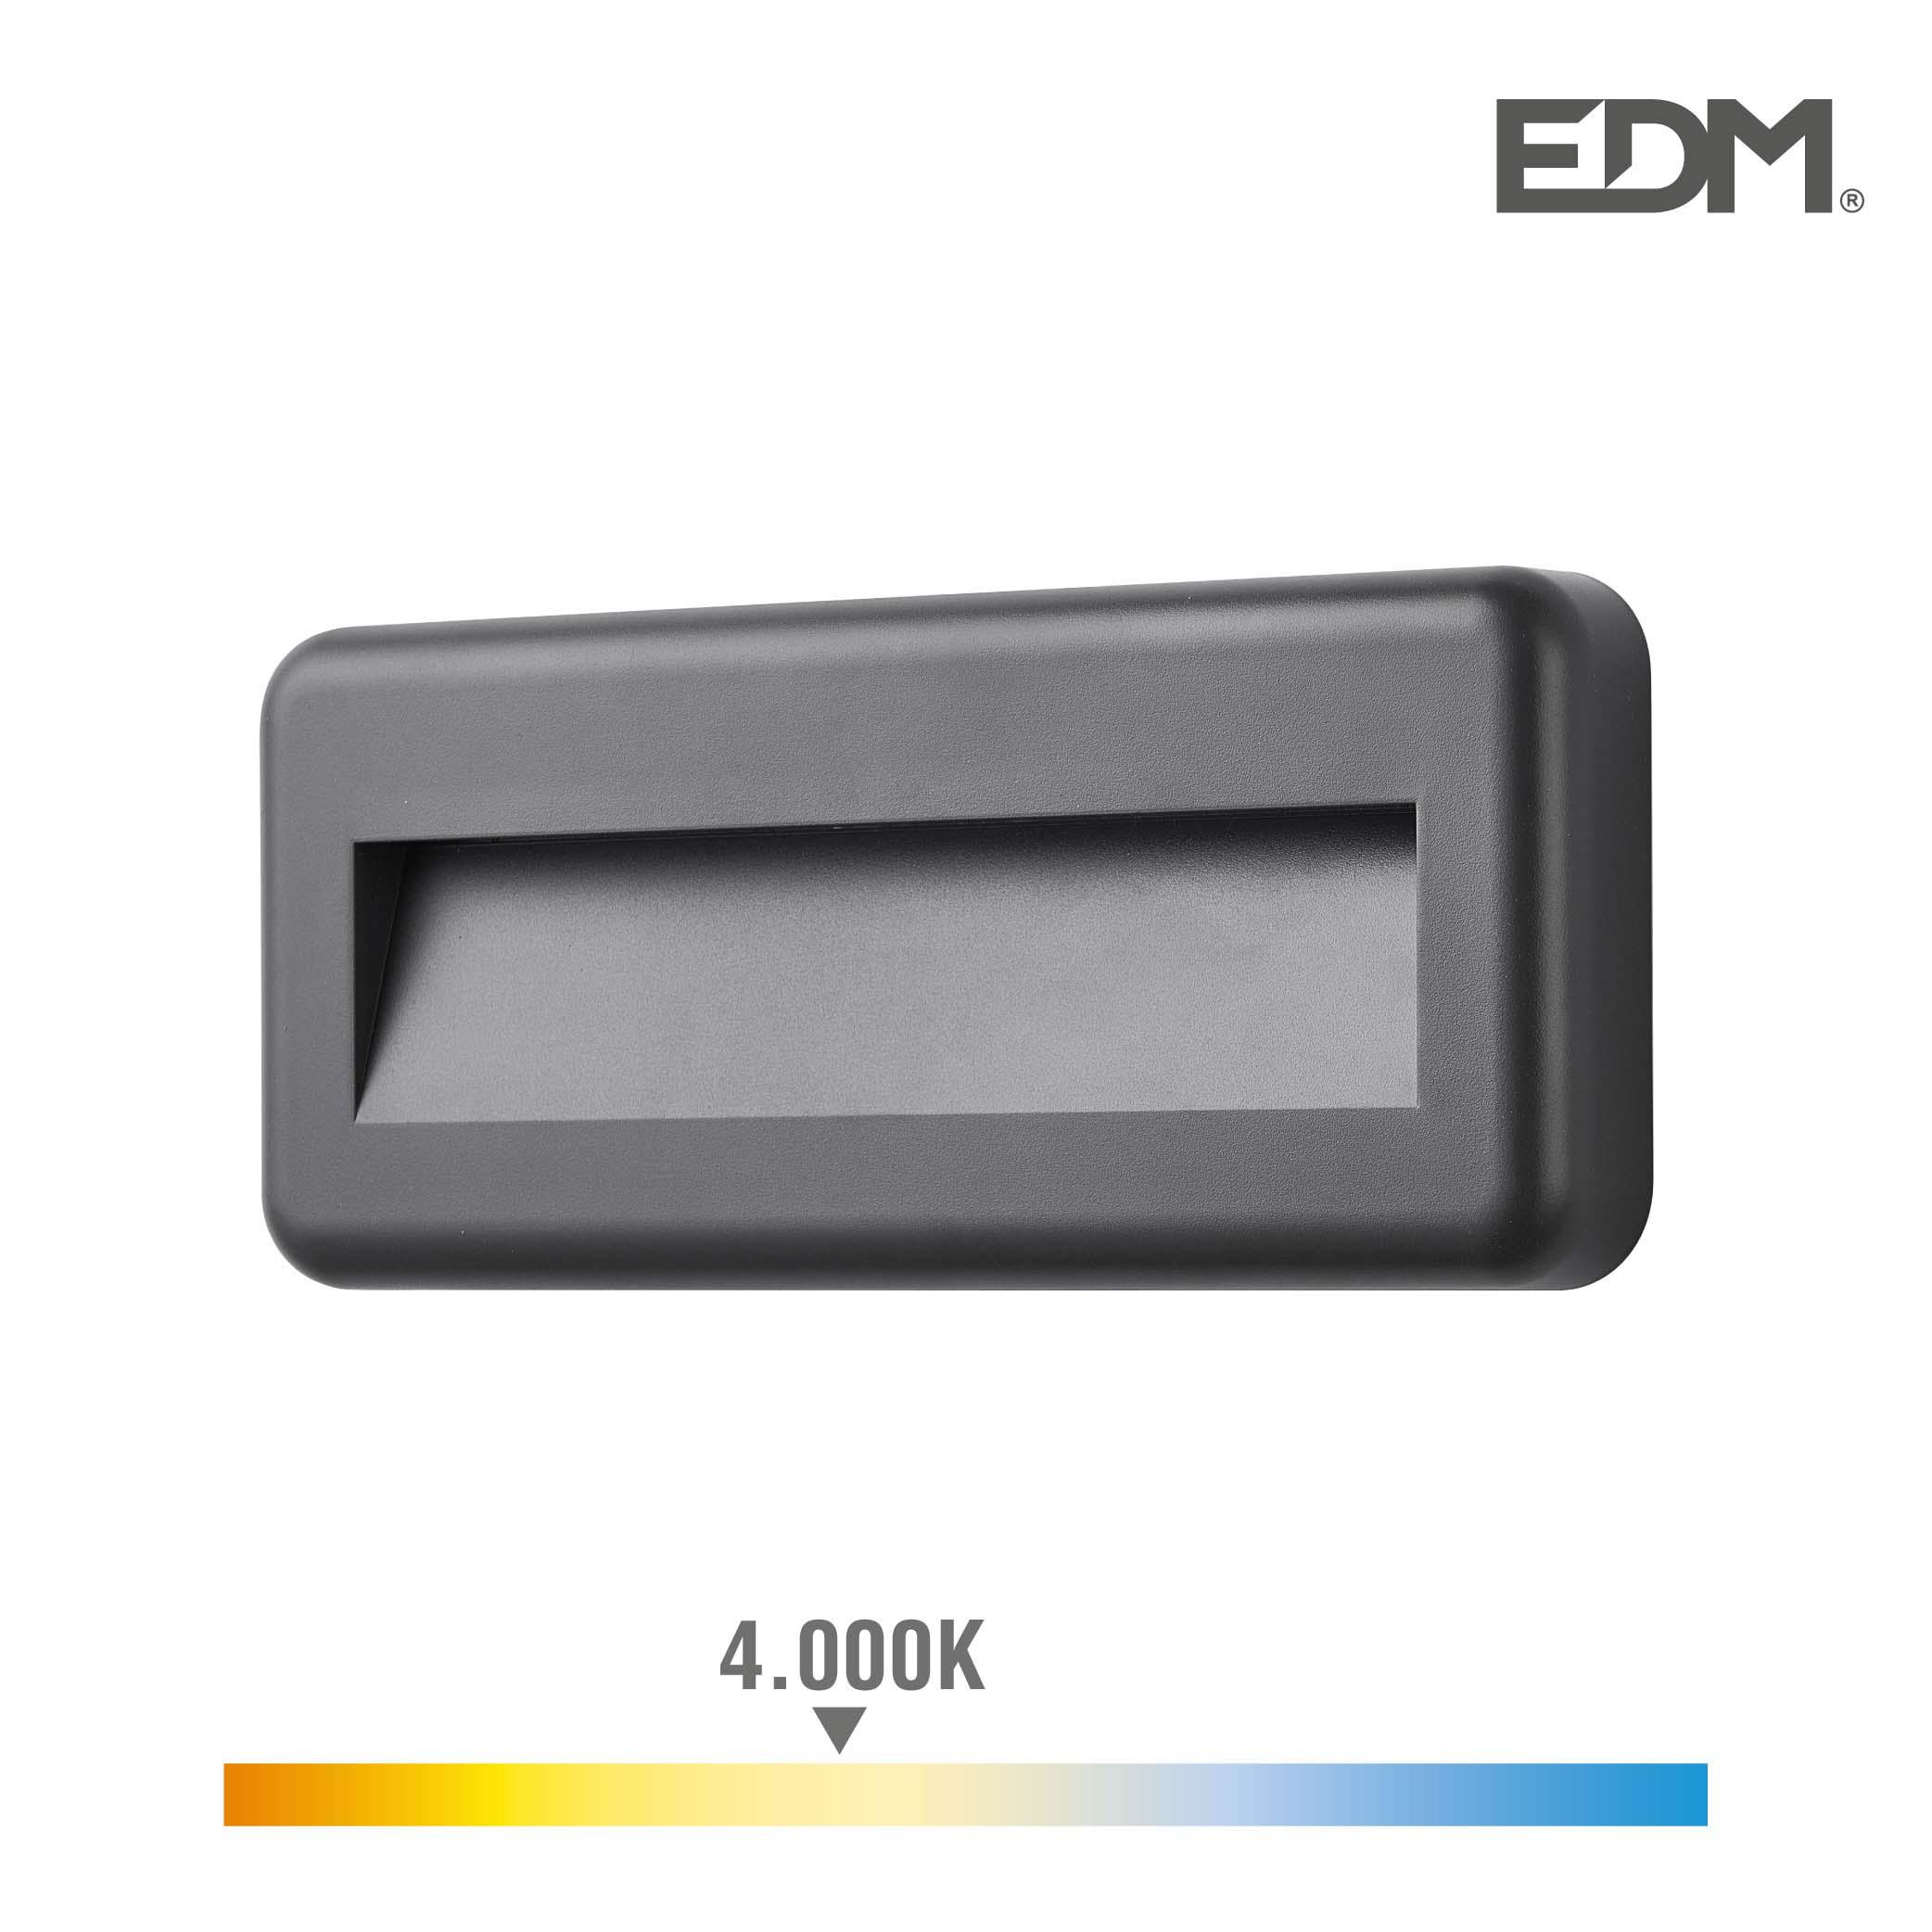 Aplique led 6w 70 lumen 4.000k luz dia ip65 rectangular edm